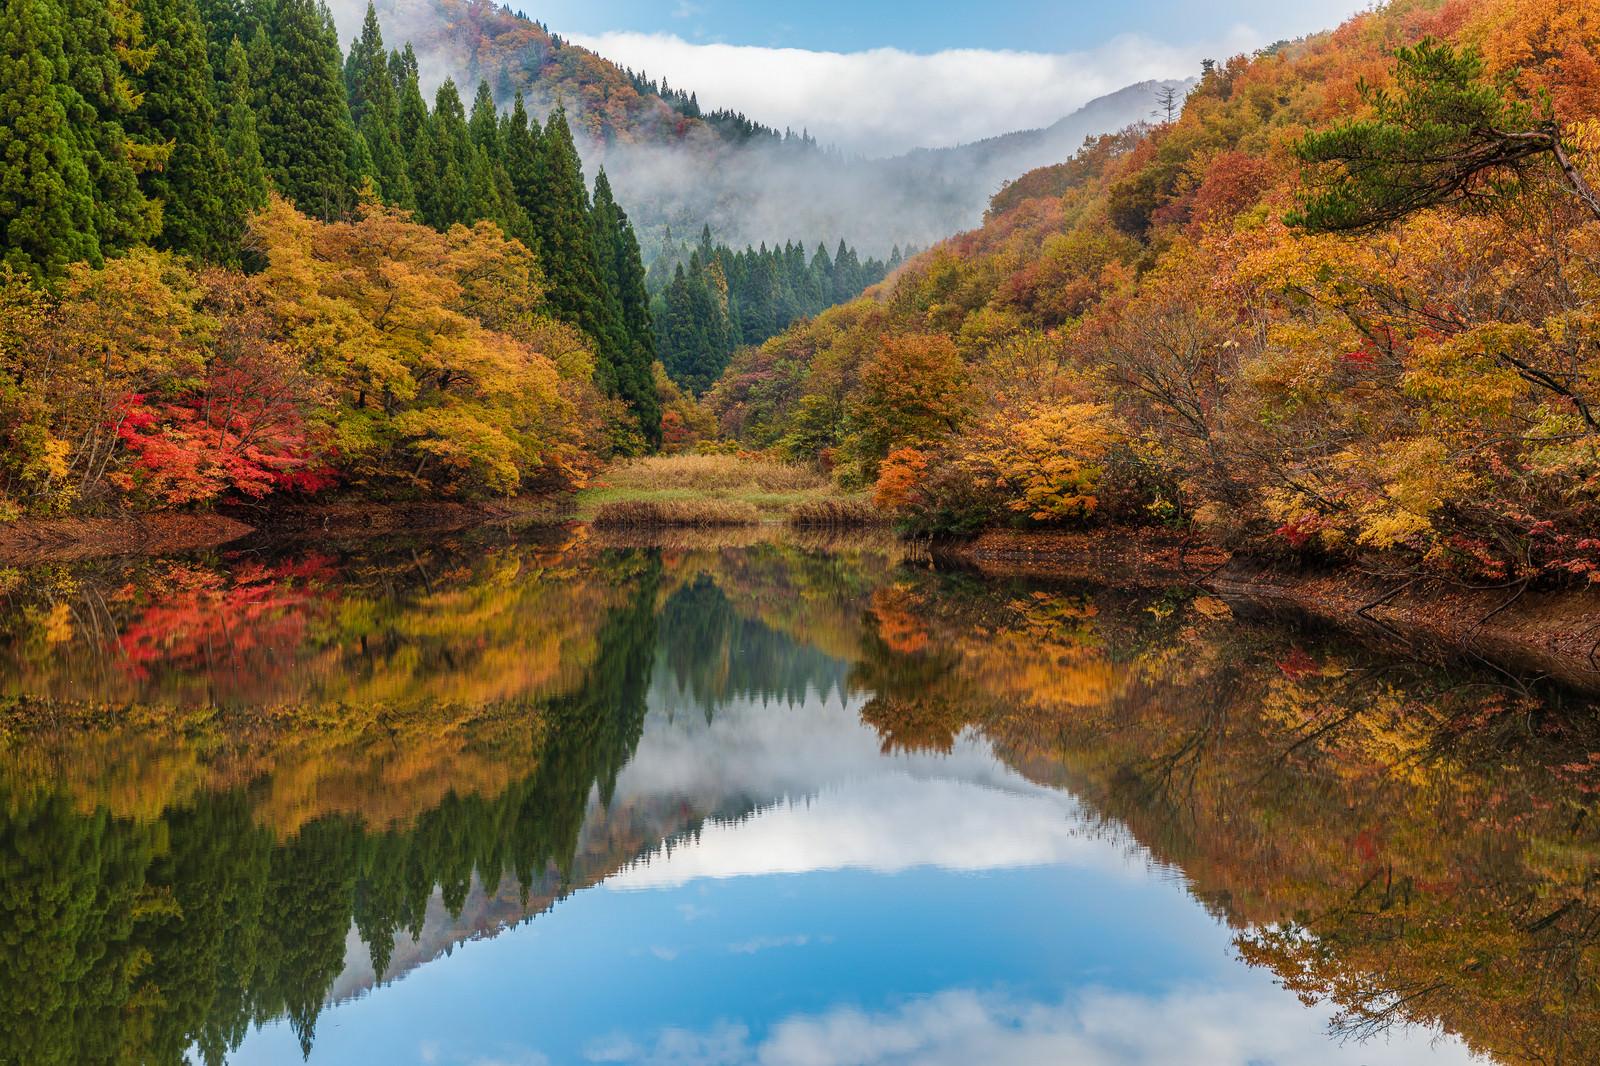 「紅葉が映り込むため池」の写真